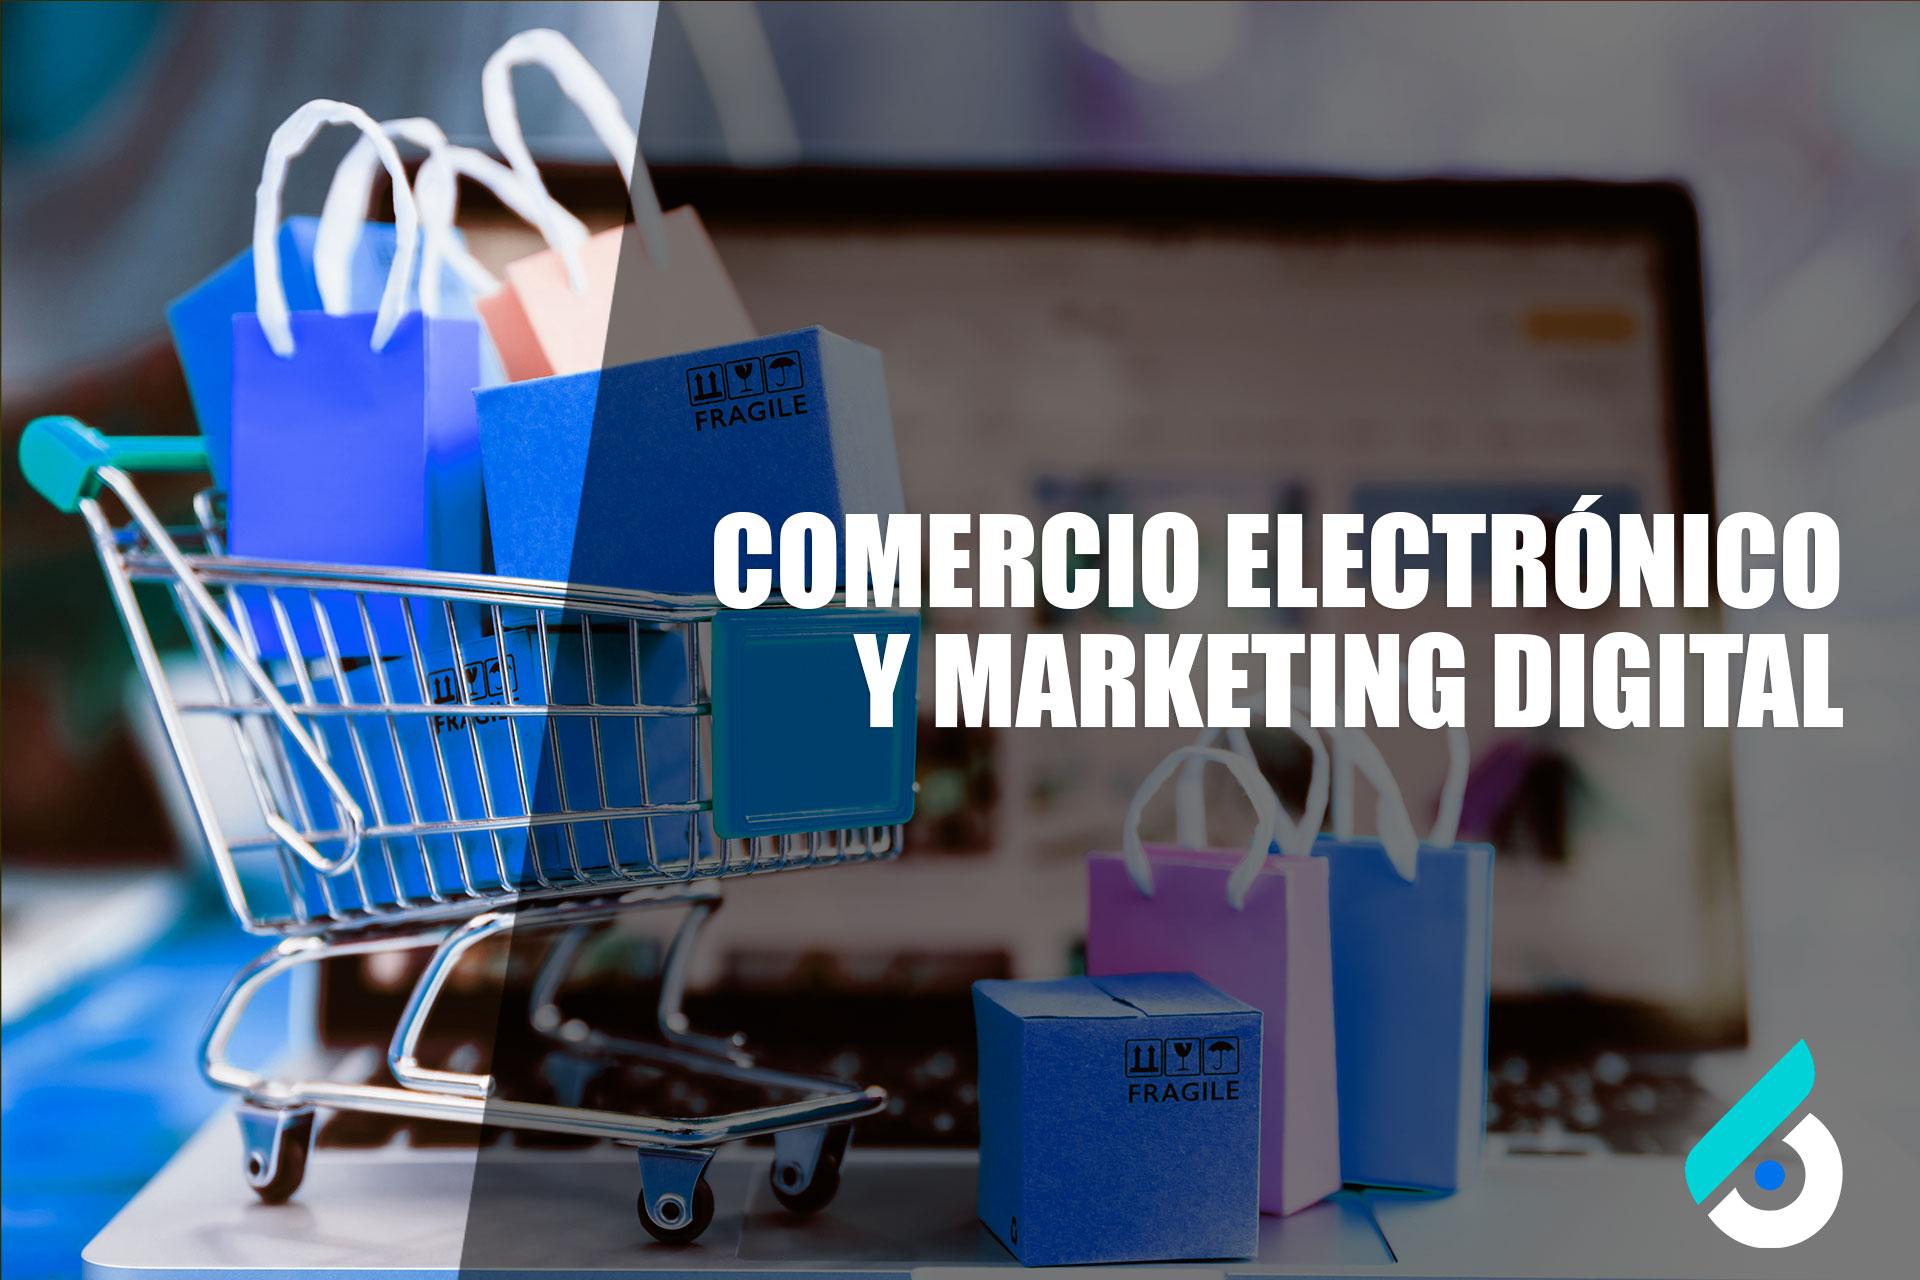 BOTIC-BANCA-19-18-13-0003 | Comercio Electrónico y Marketing Digital